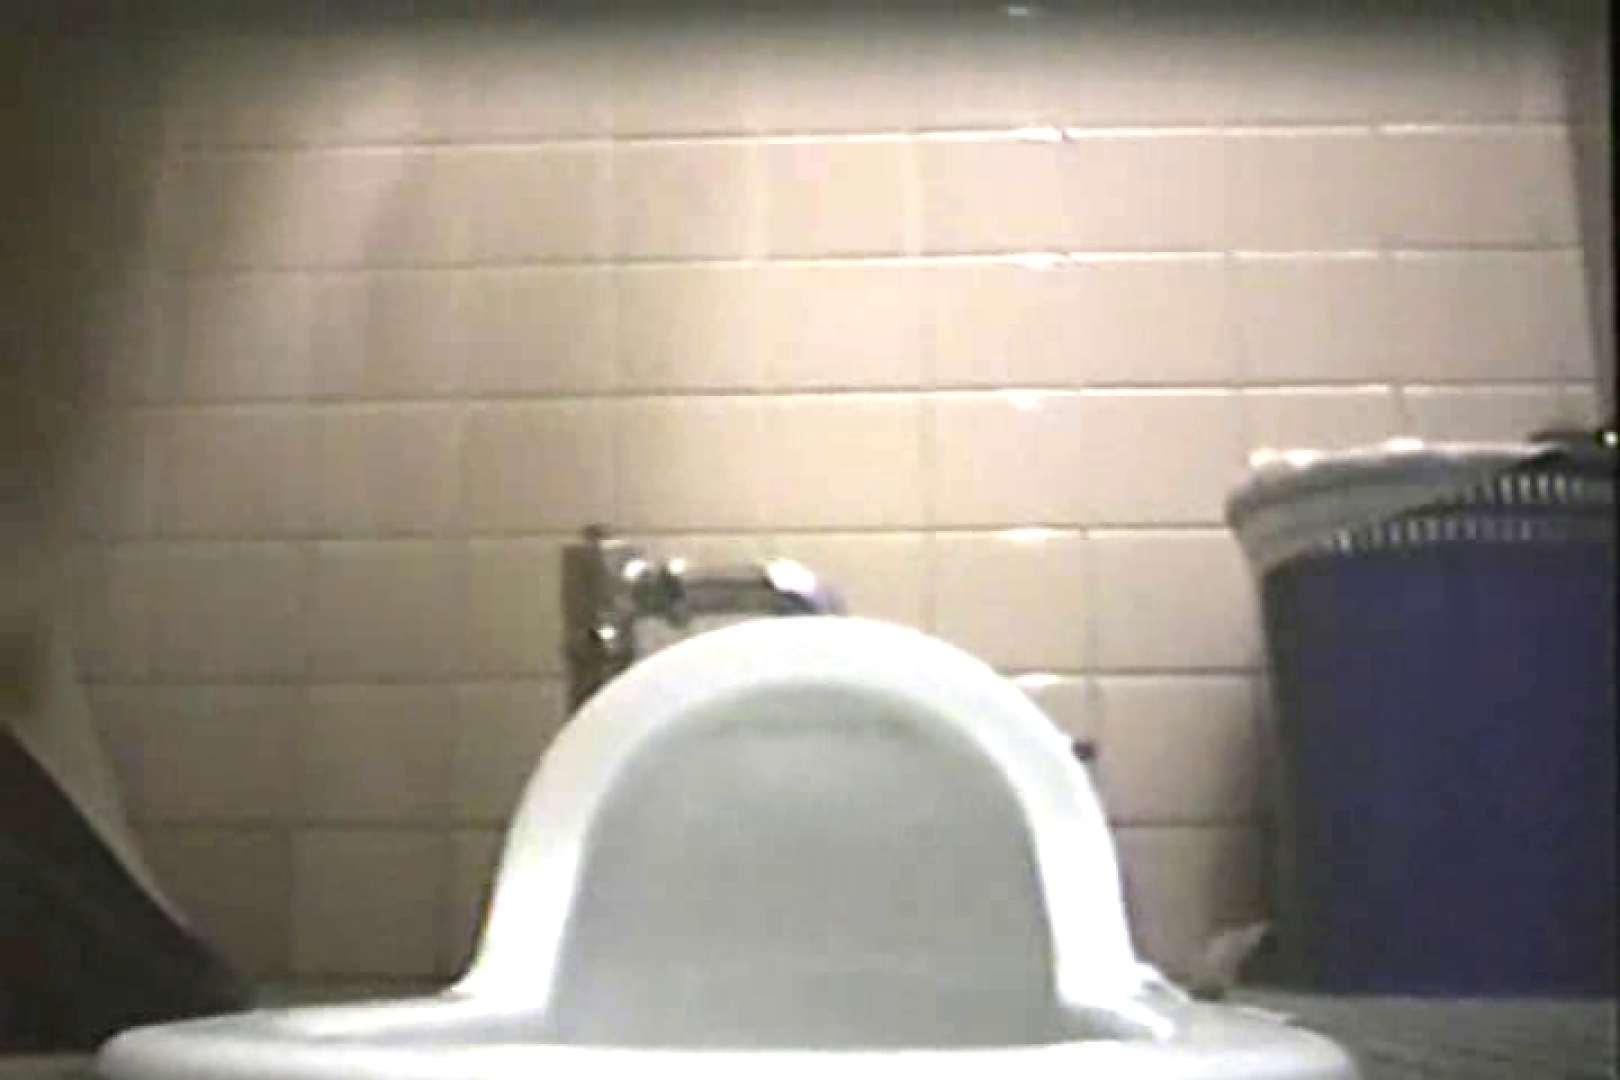 プロには撮れない女子洗面所の内部 TK-70 洗面所 | 和式  79連発 77